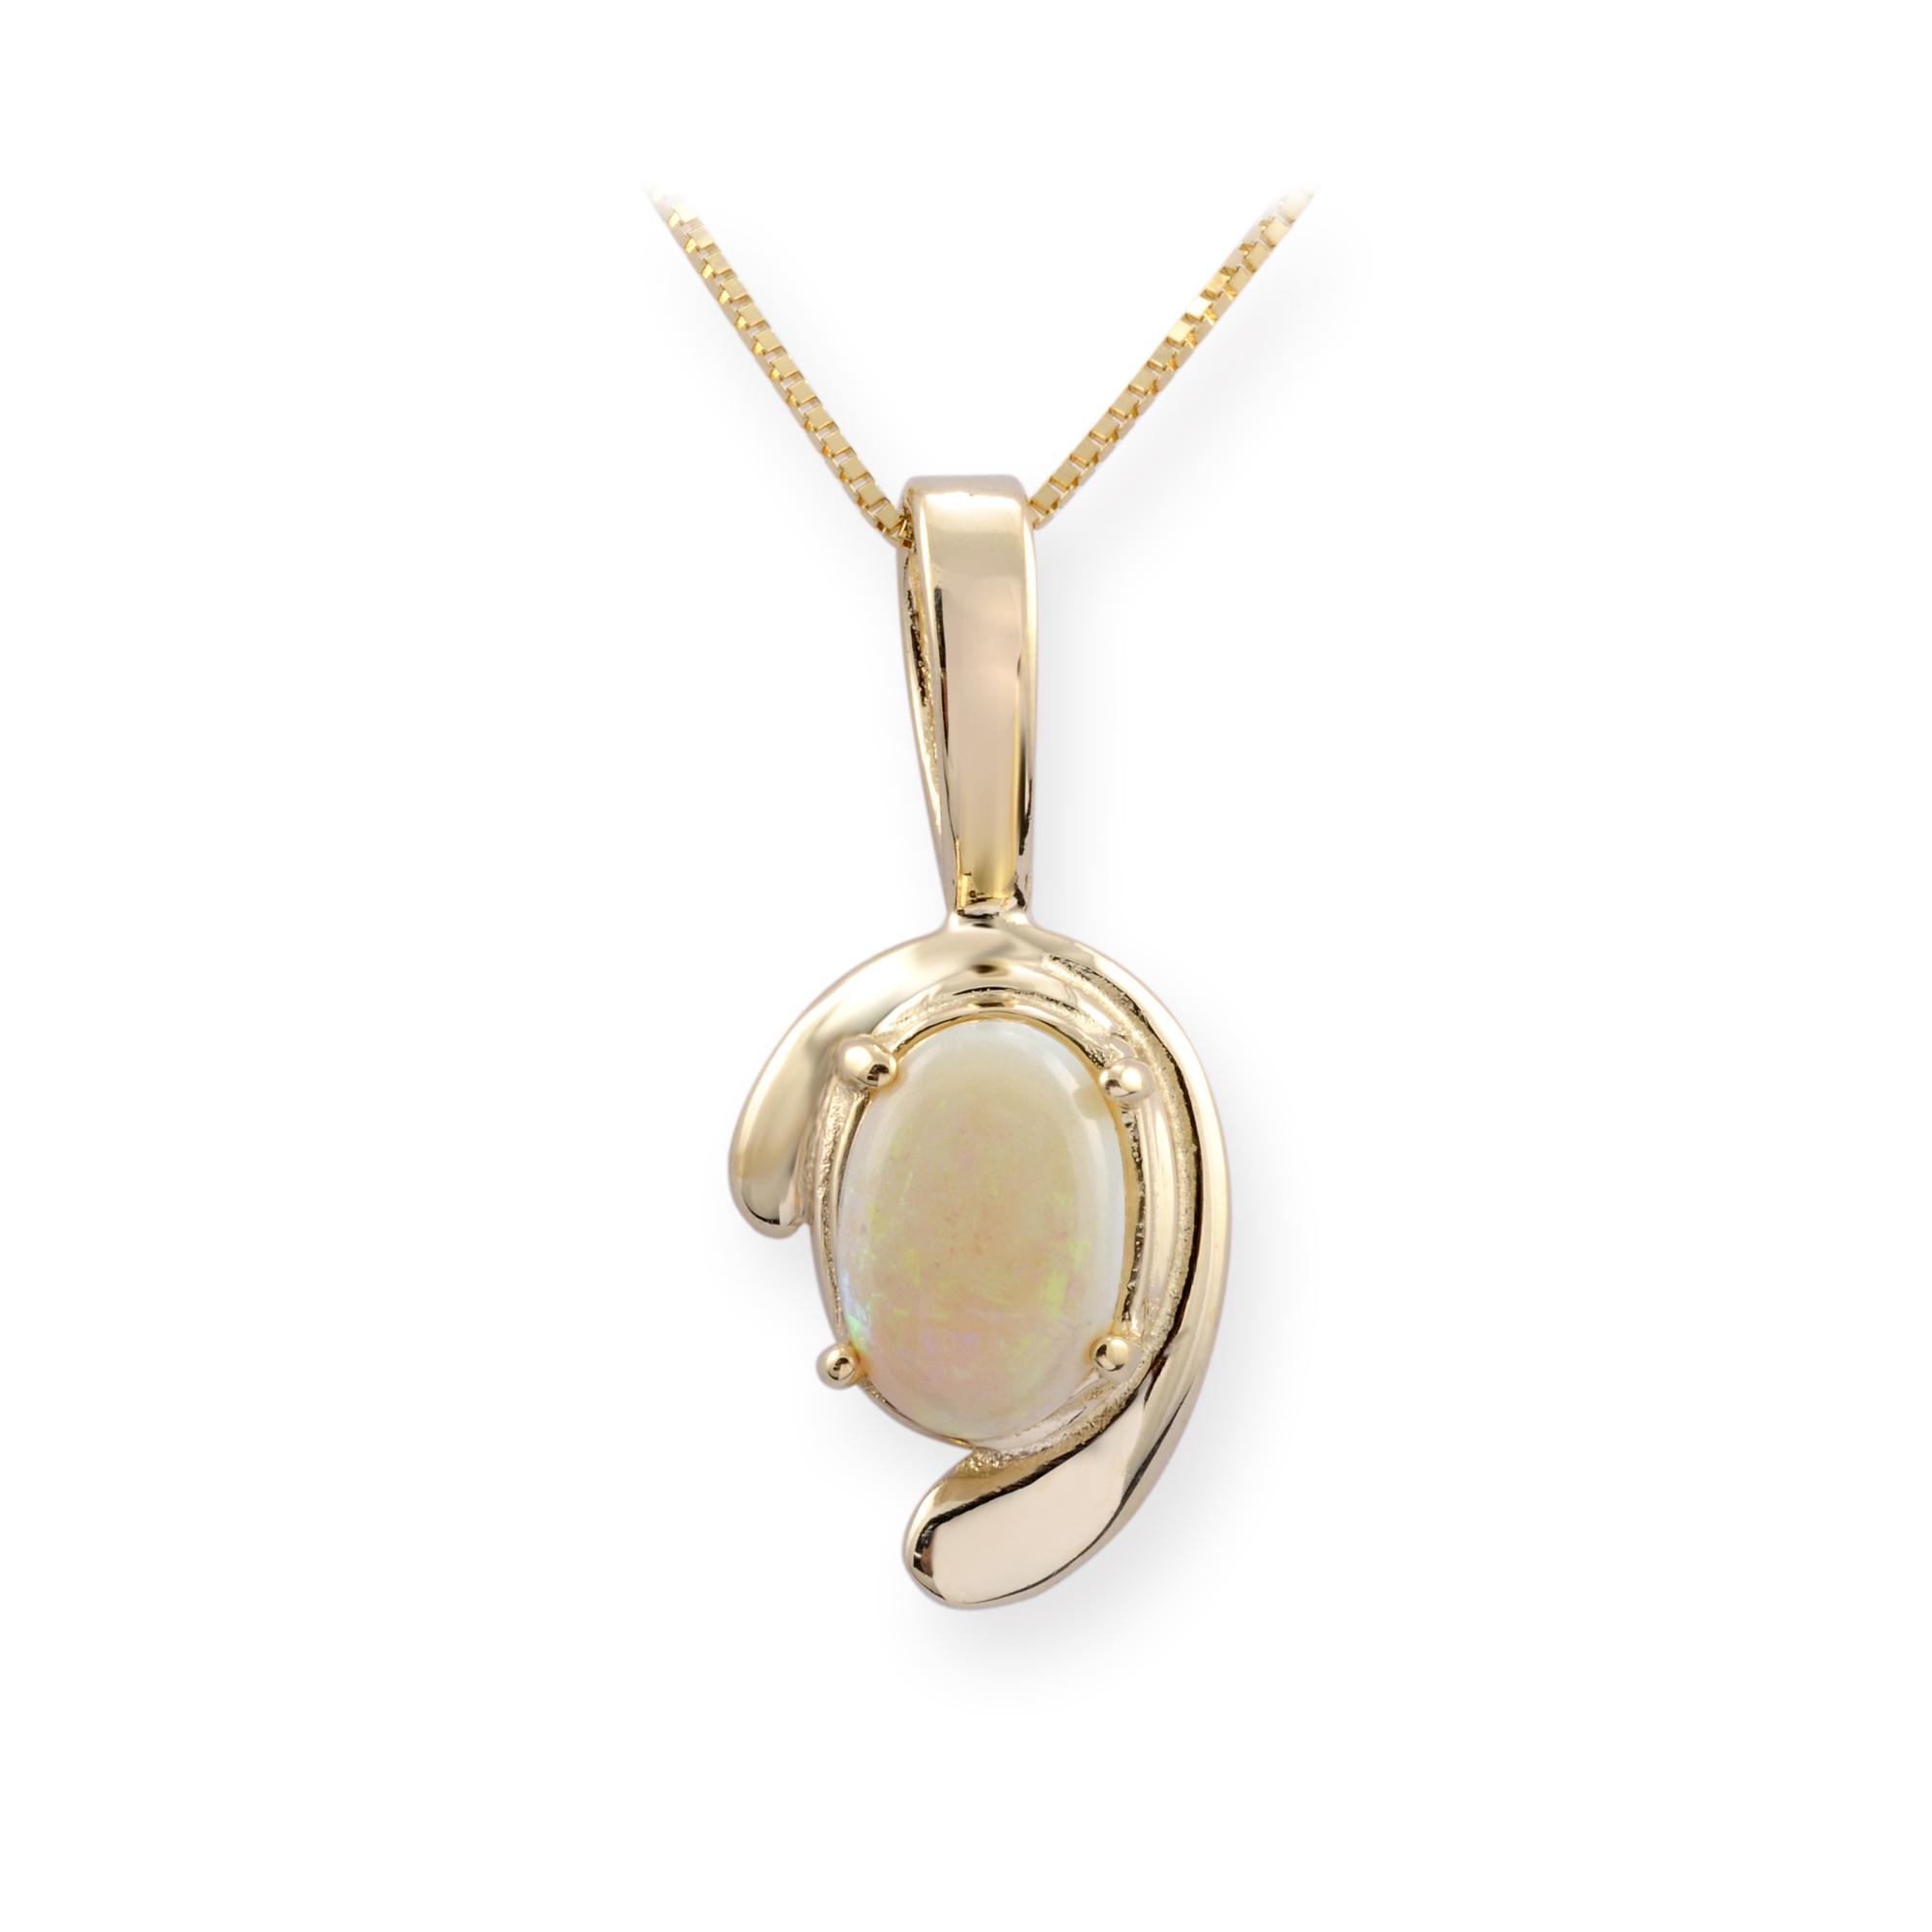 Pendentif pour femme - Or jaune 10K & Opale